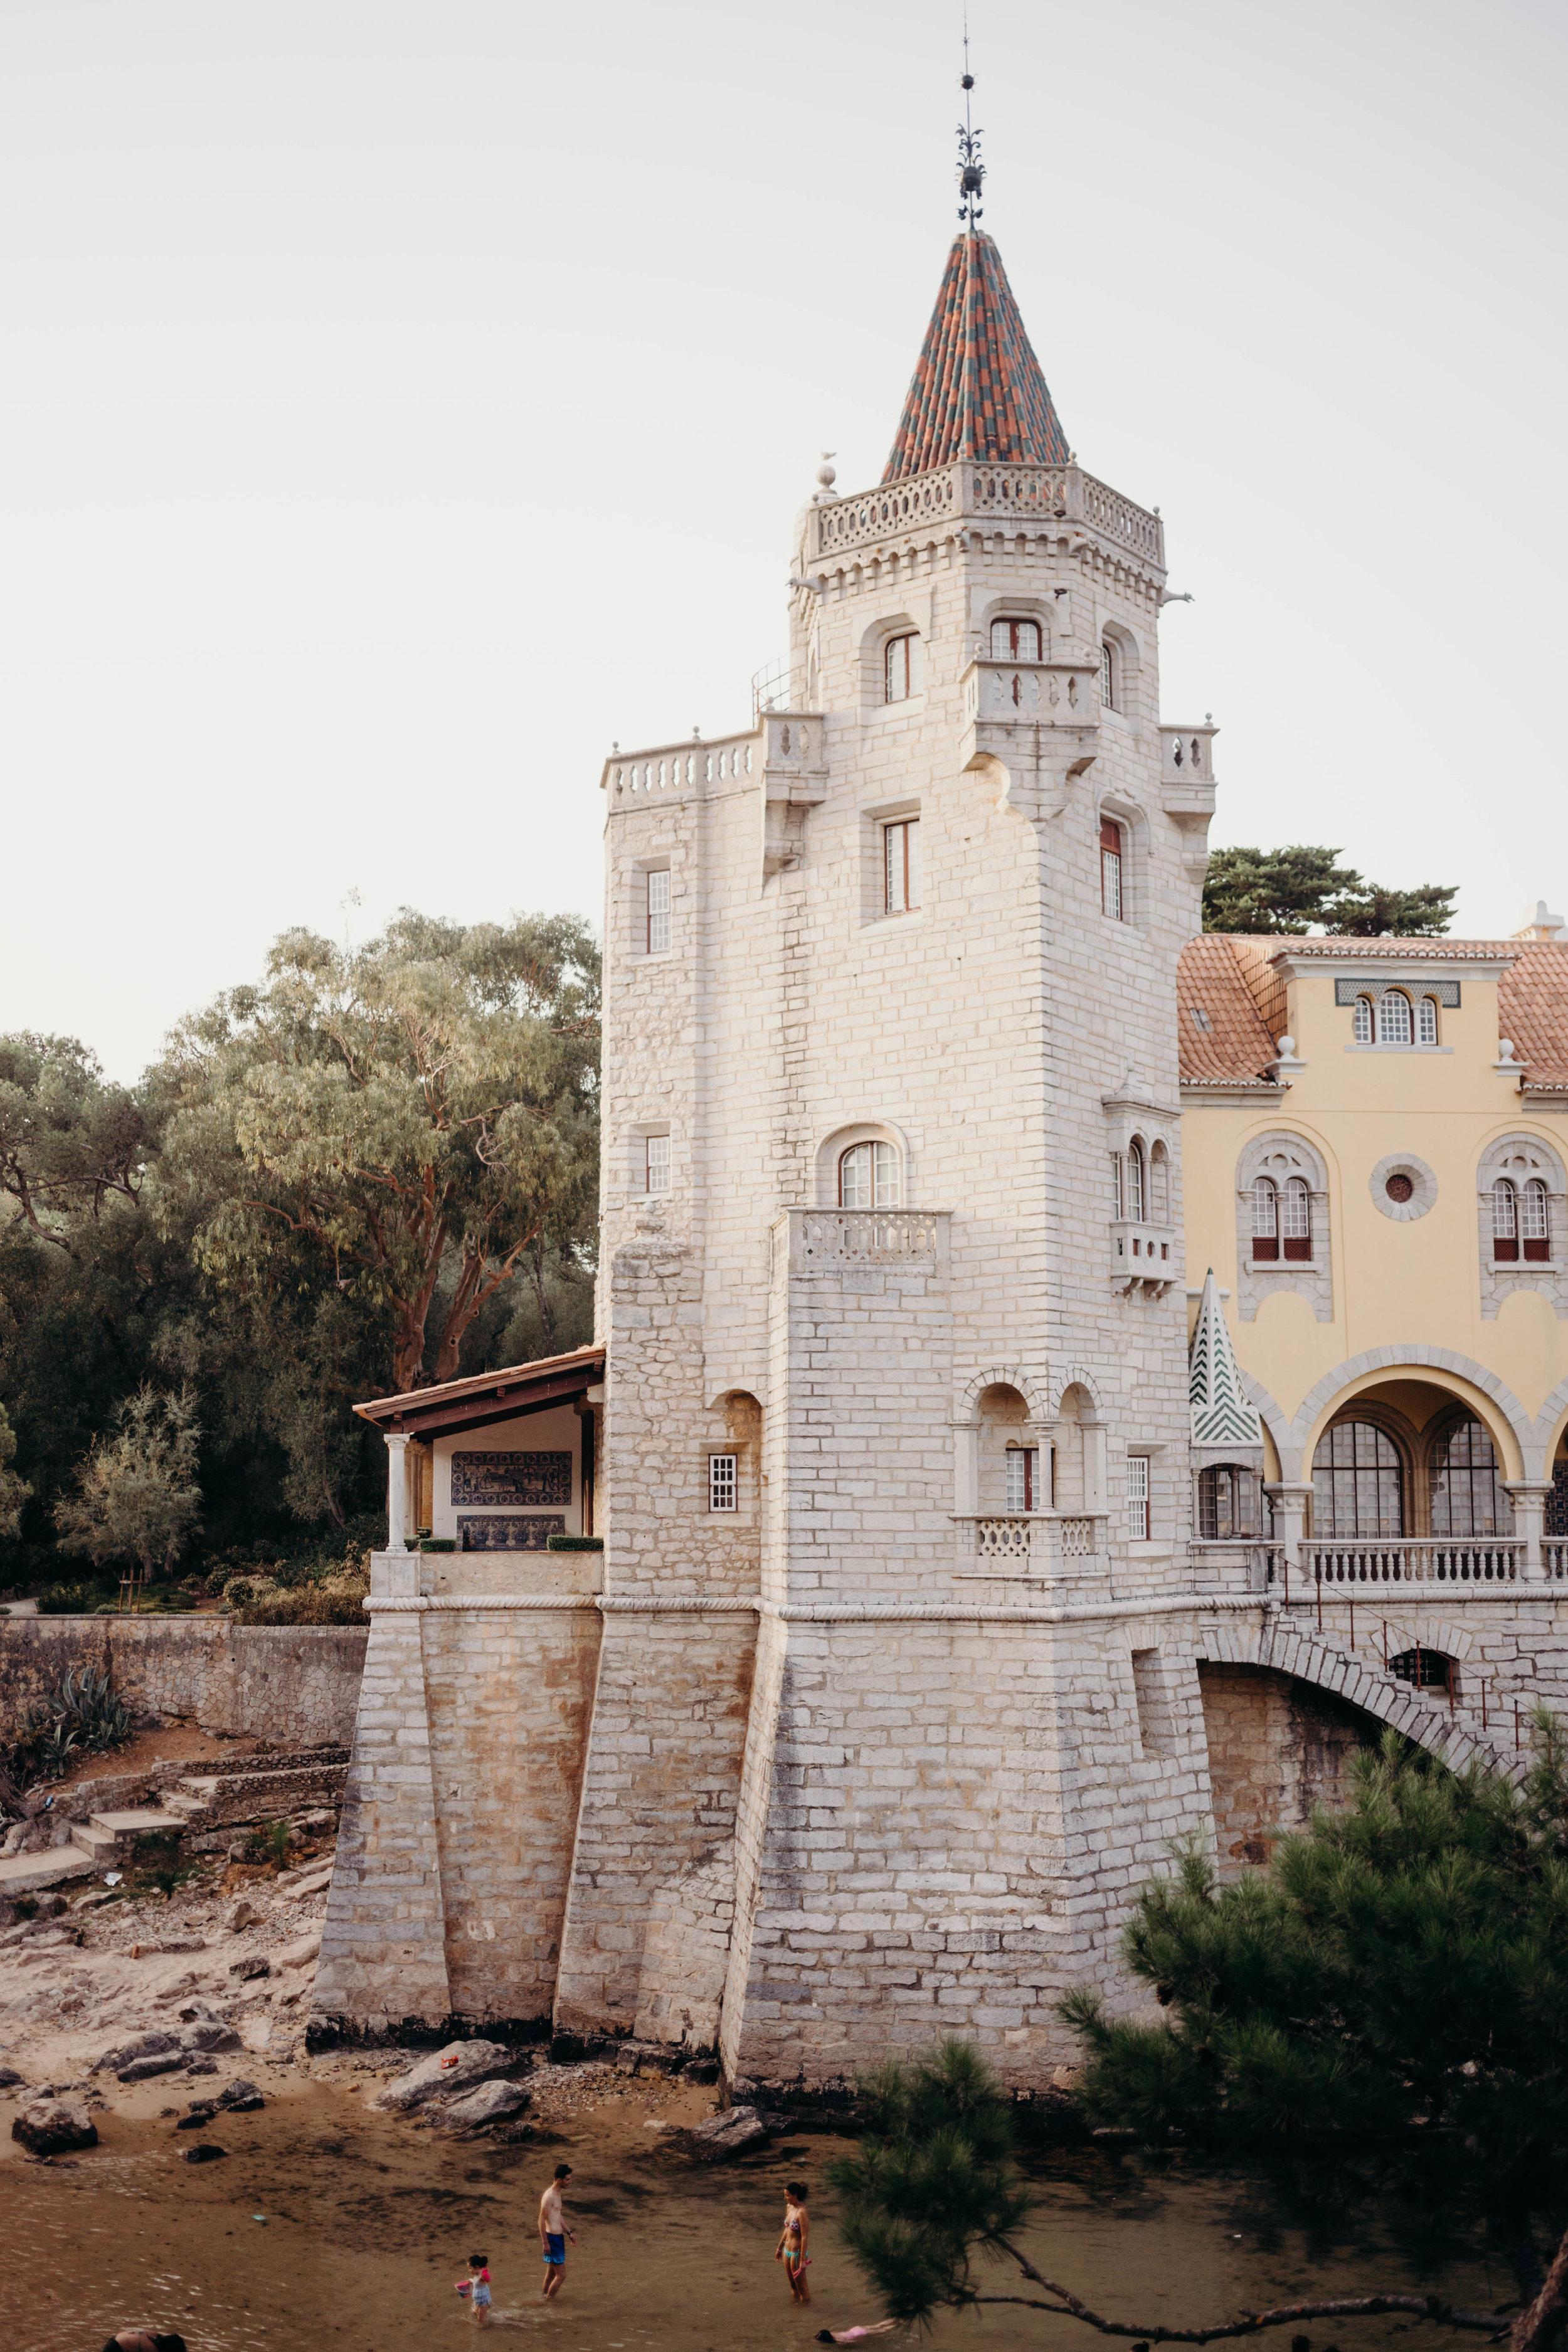 Our Portugal Travel Diary: Lisbon, Porto, and More | On the Street Where We Live (aretherelilactrees.com)  Cascais, Museu Condes de Castro Guimaraes